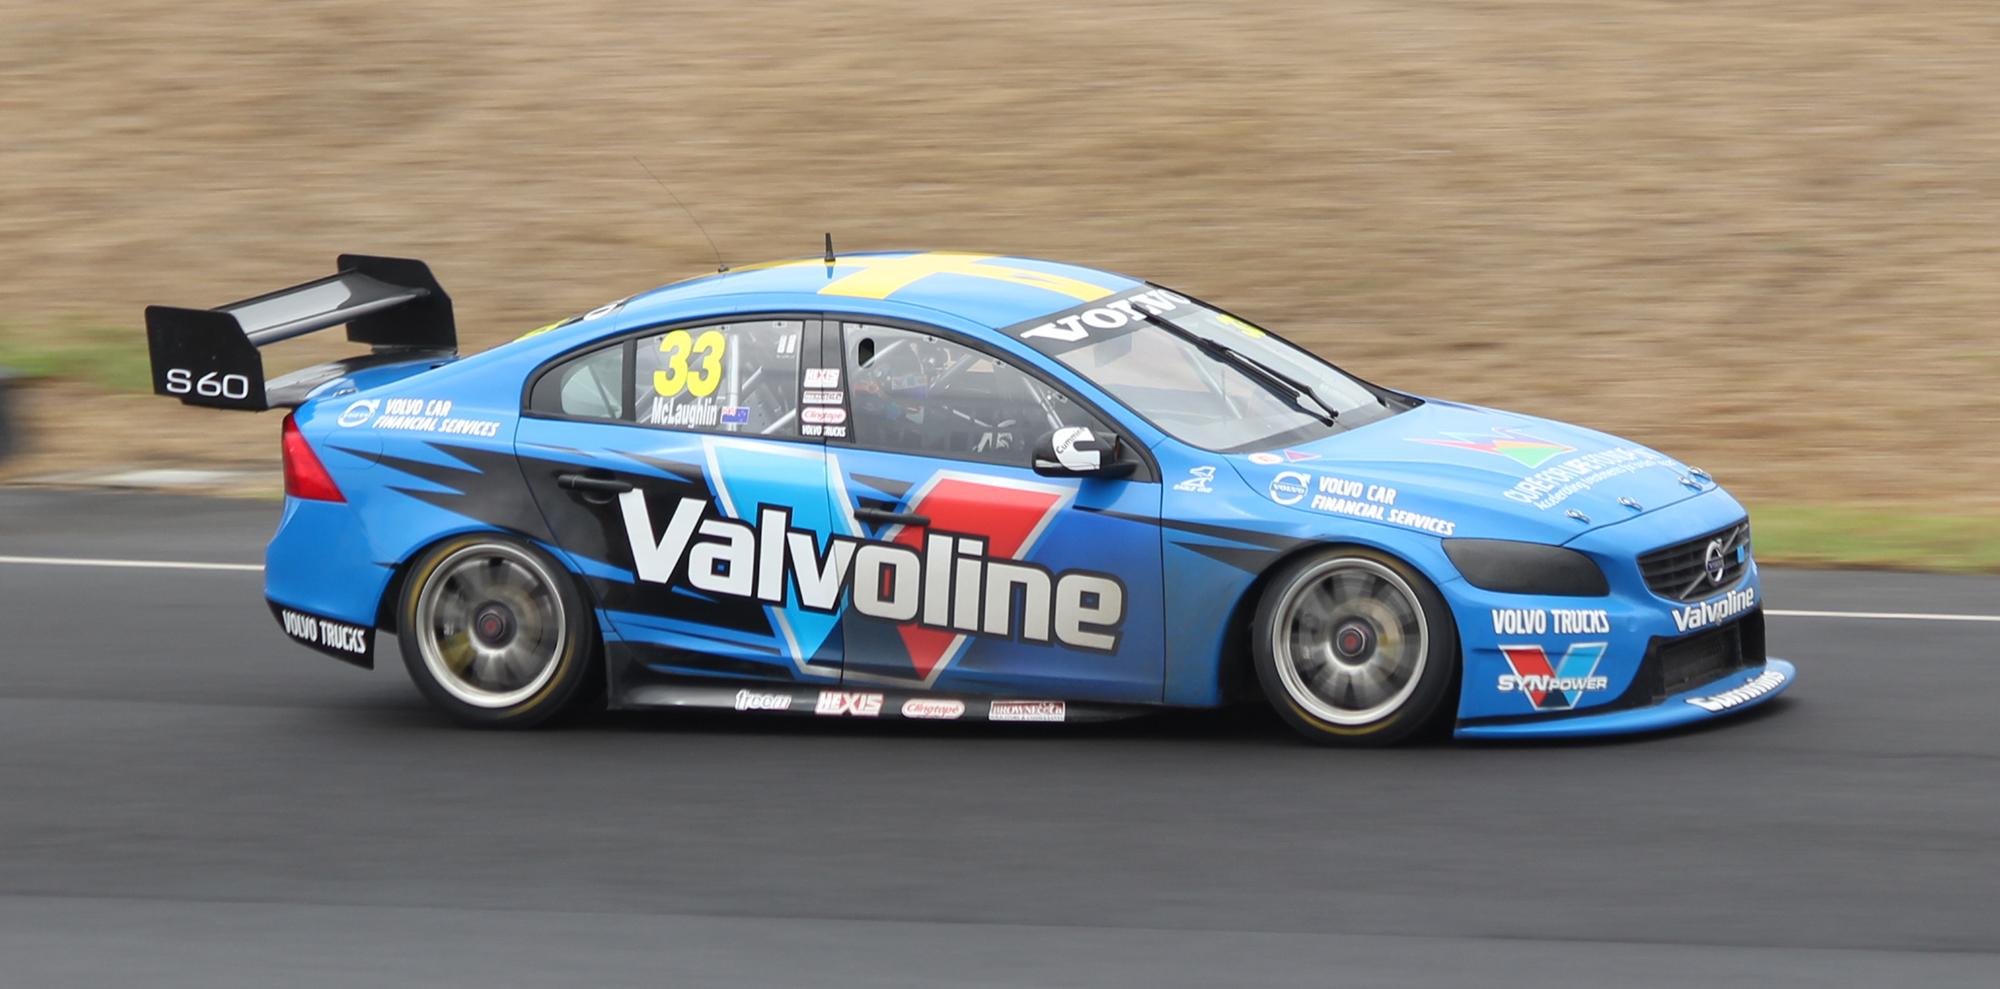 File Scott Mclaughlin Volvo S60 2014 V8 Supercar Test Day Jpg Wikimedia Commons